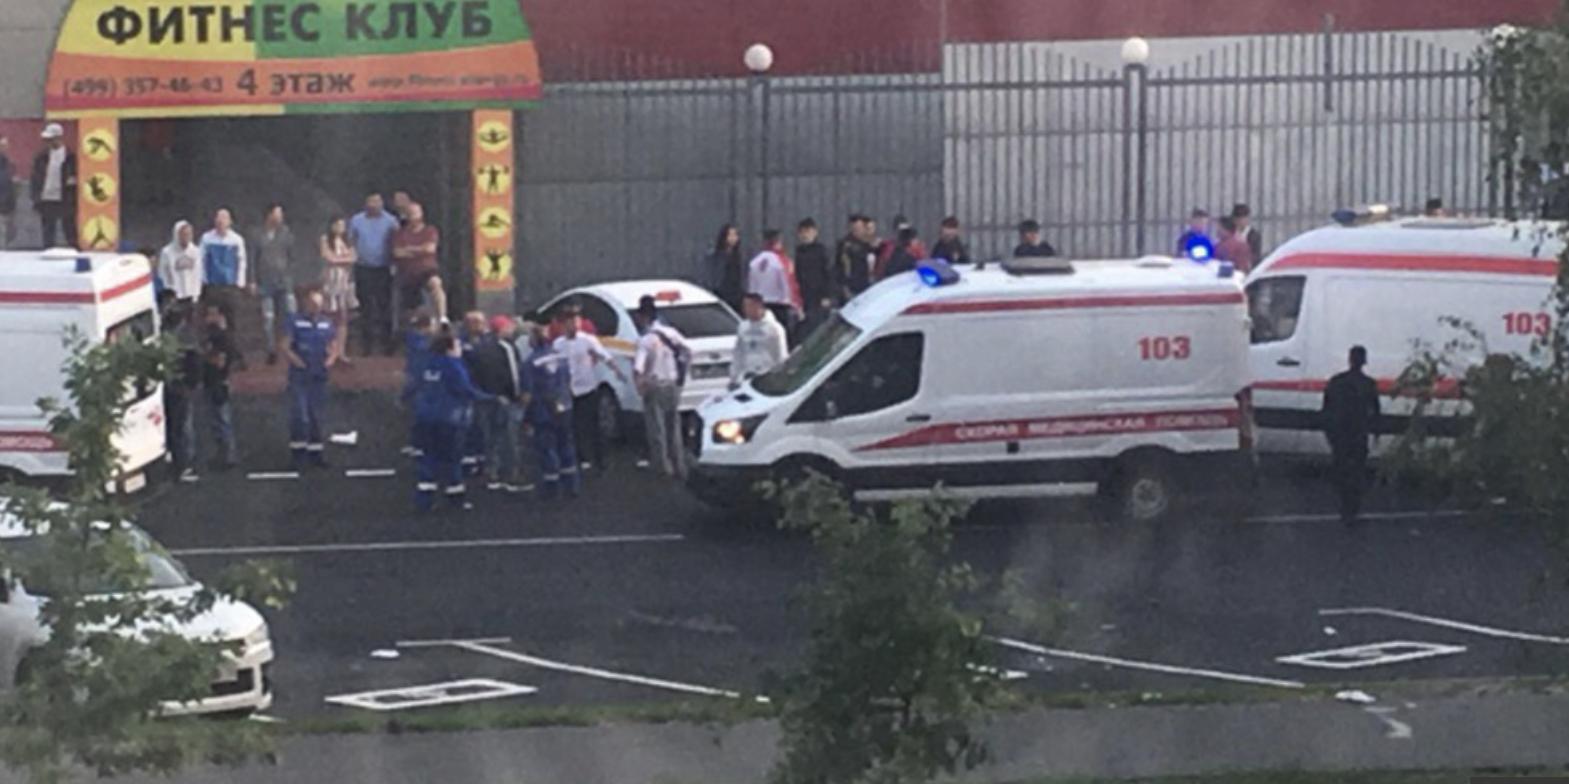 Наезд водителя из Киргизии на толпу пешеходов в Москве попал на видео